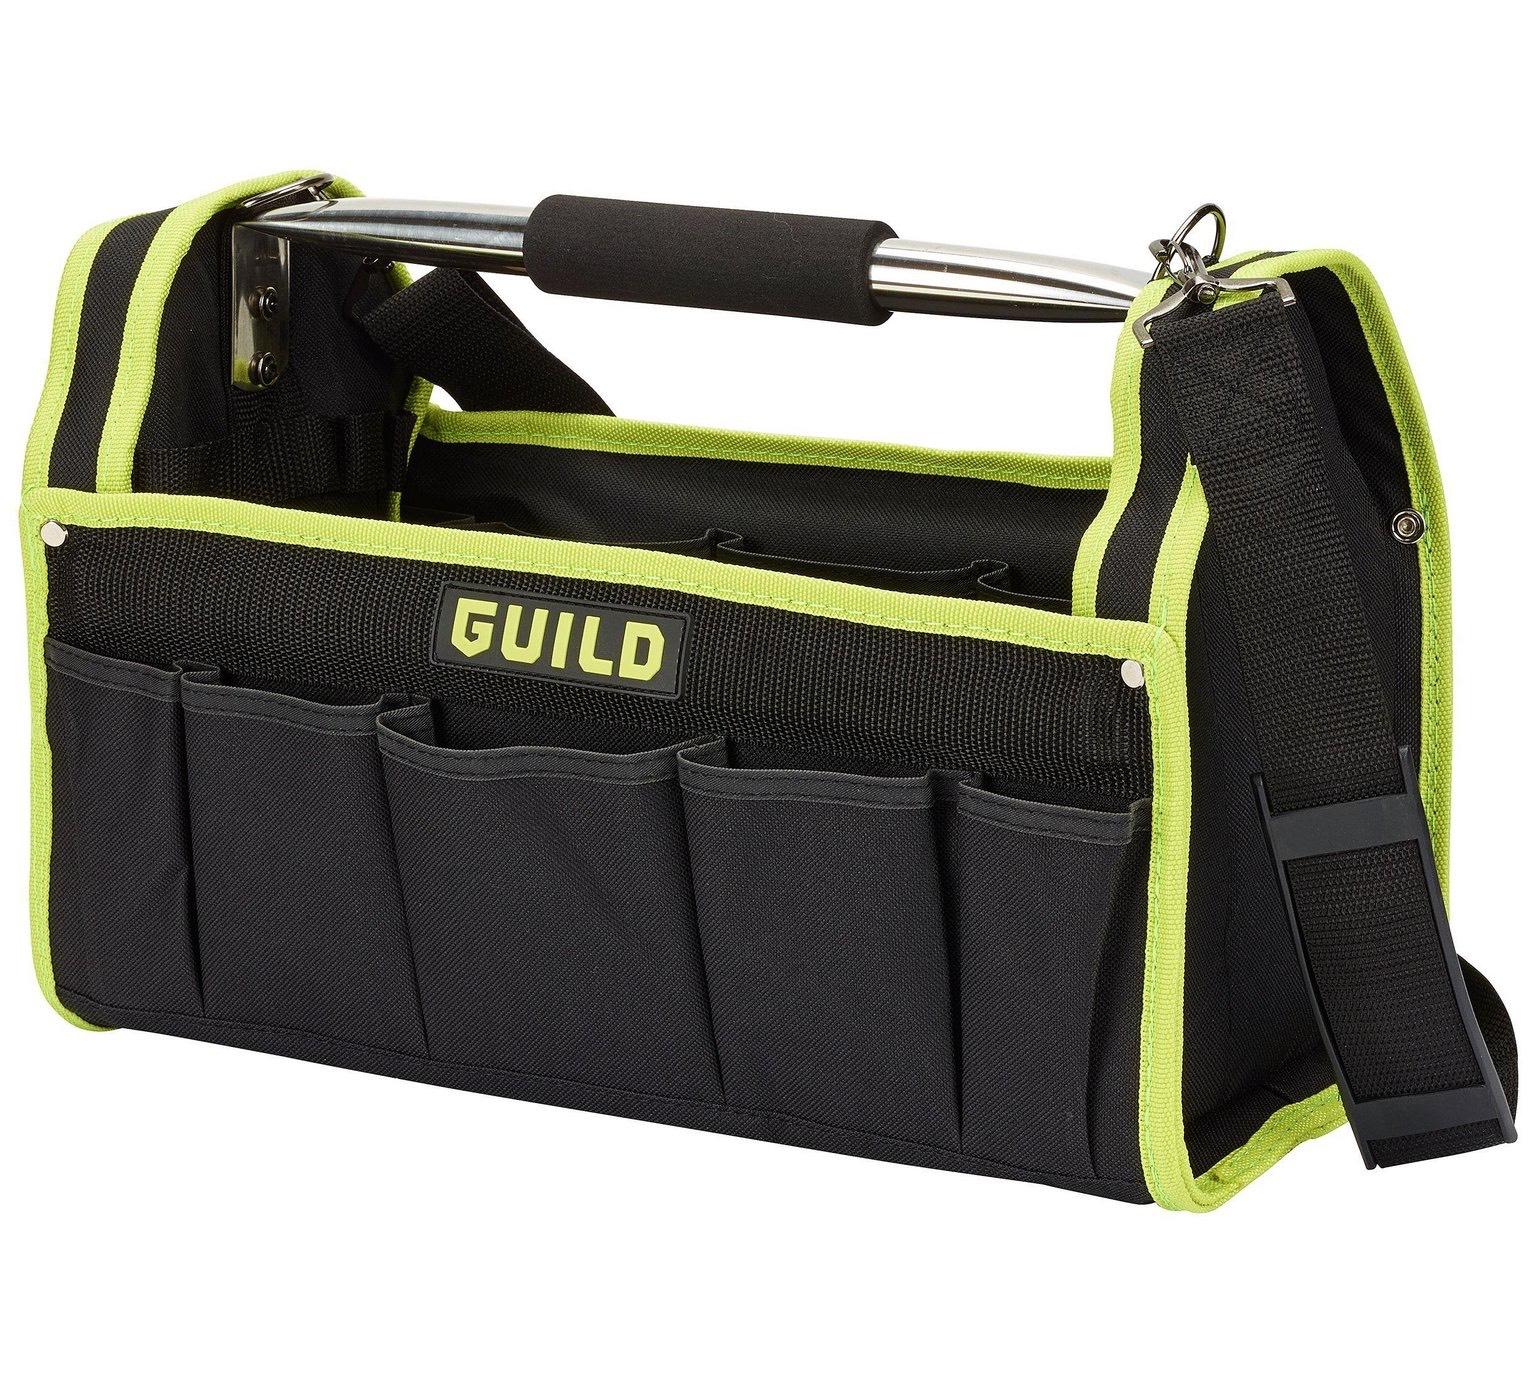 Guild Tool Tote Bag £12.75 @ Argos C&C